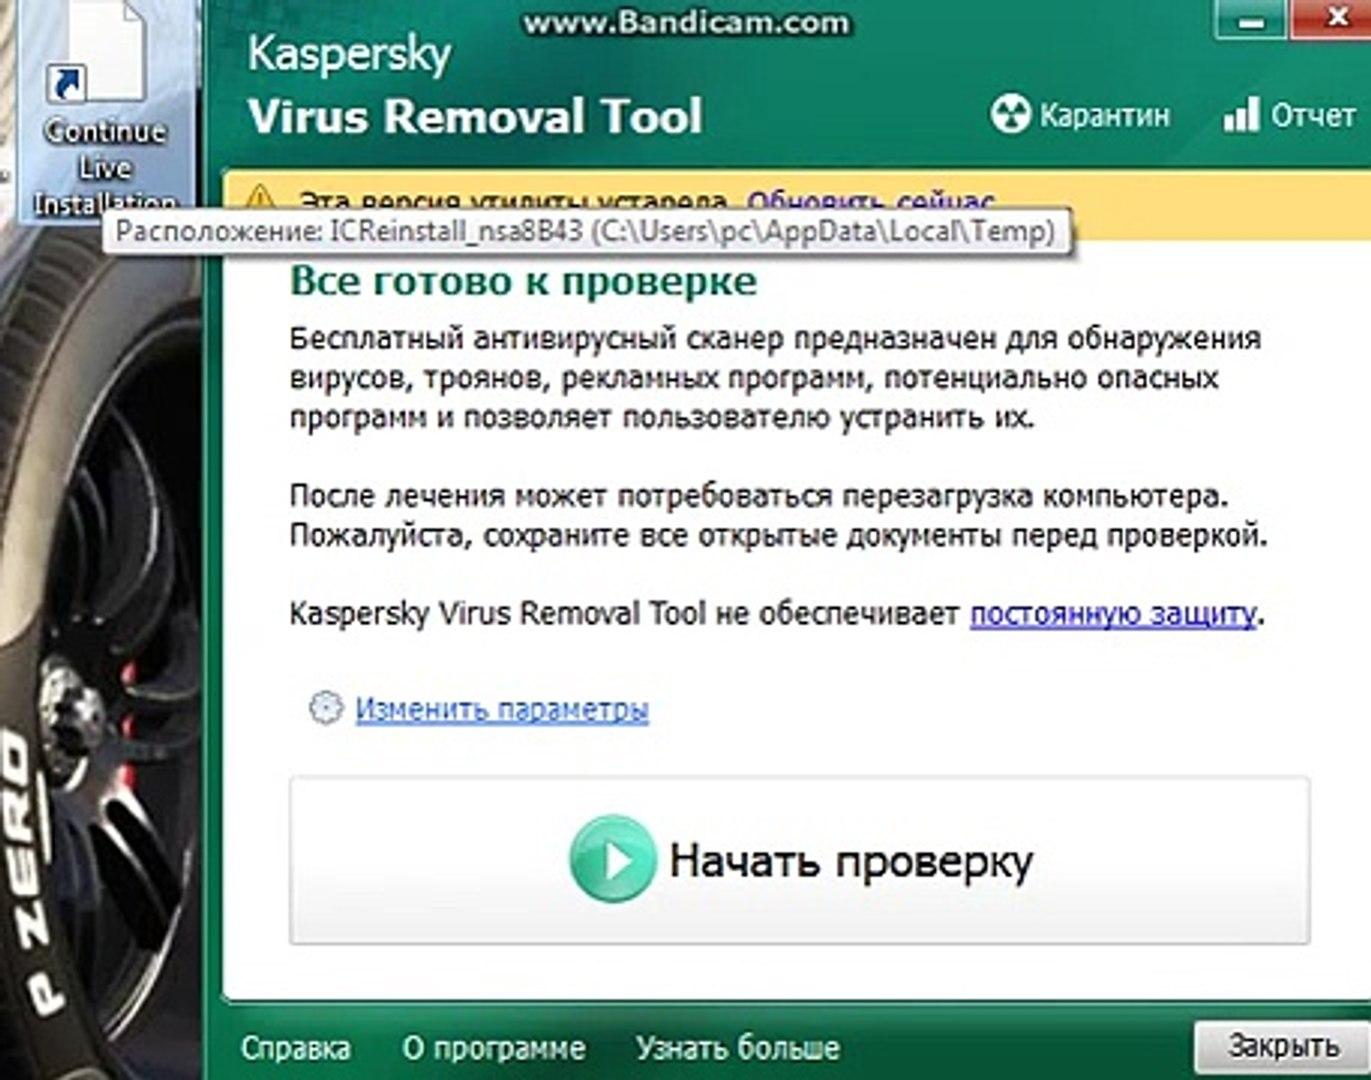 Continue Live Installation Удаление вируса Вопрос решён!